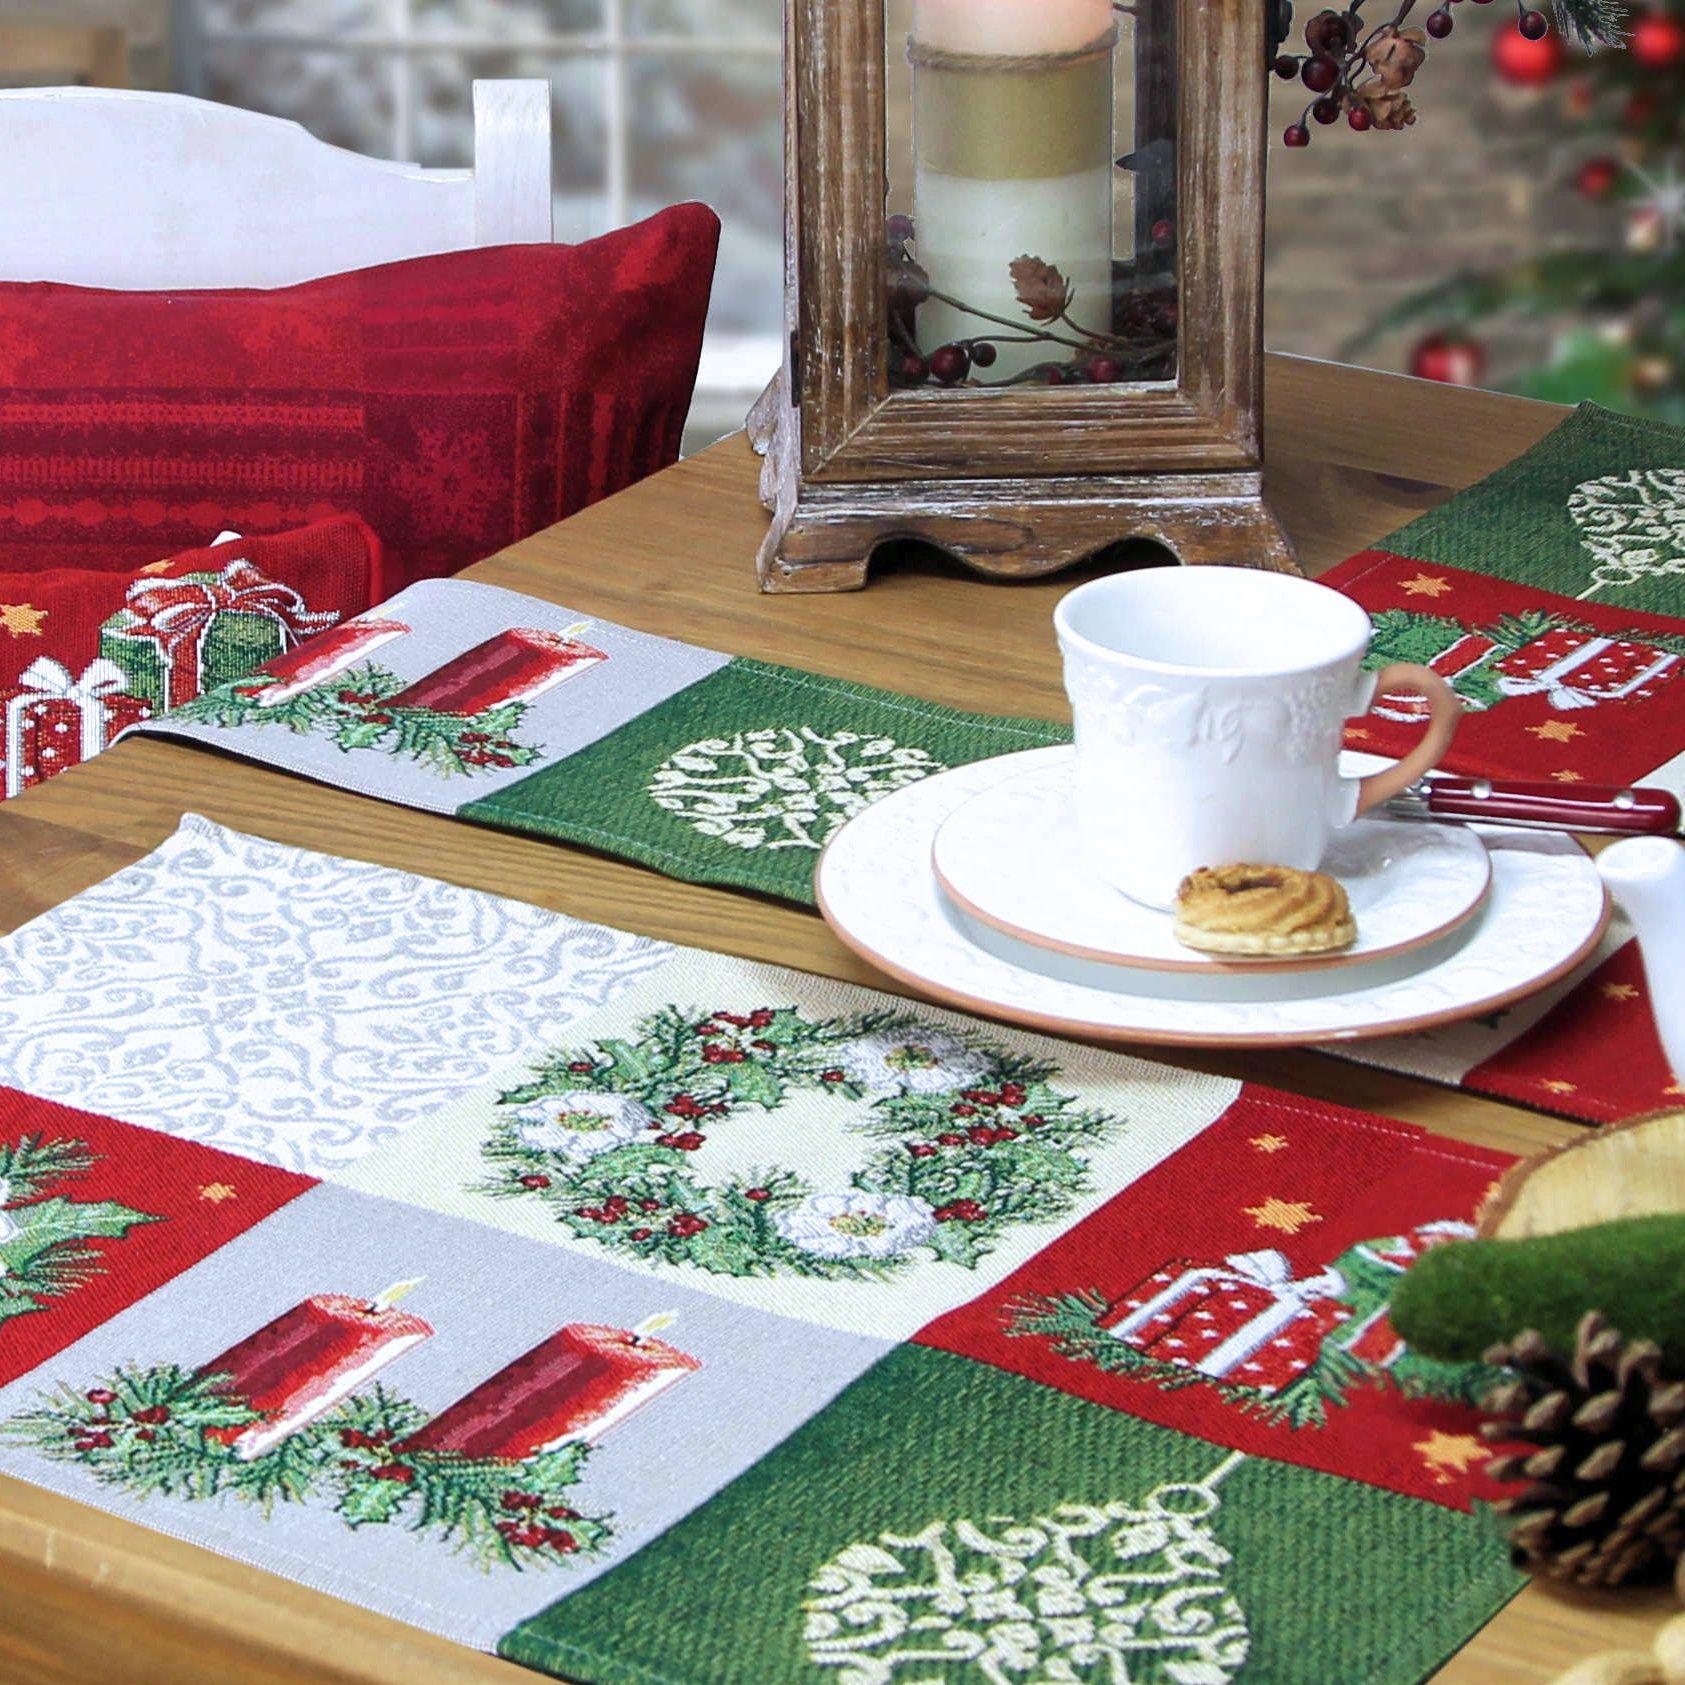 Weihnachtstischsets www.sander-tischwaesche.de/index.php?cPath=83 ...